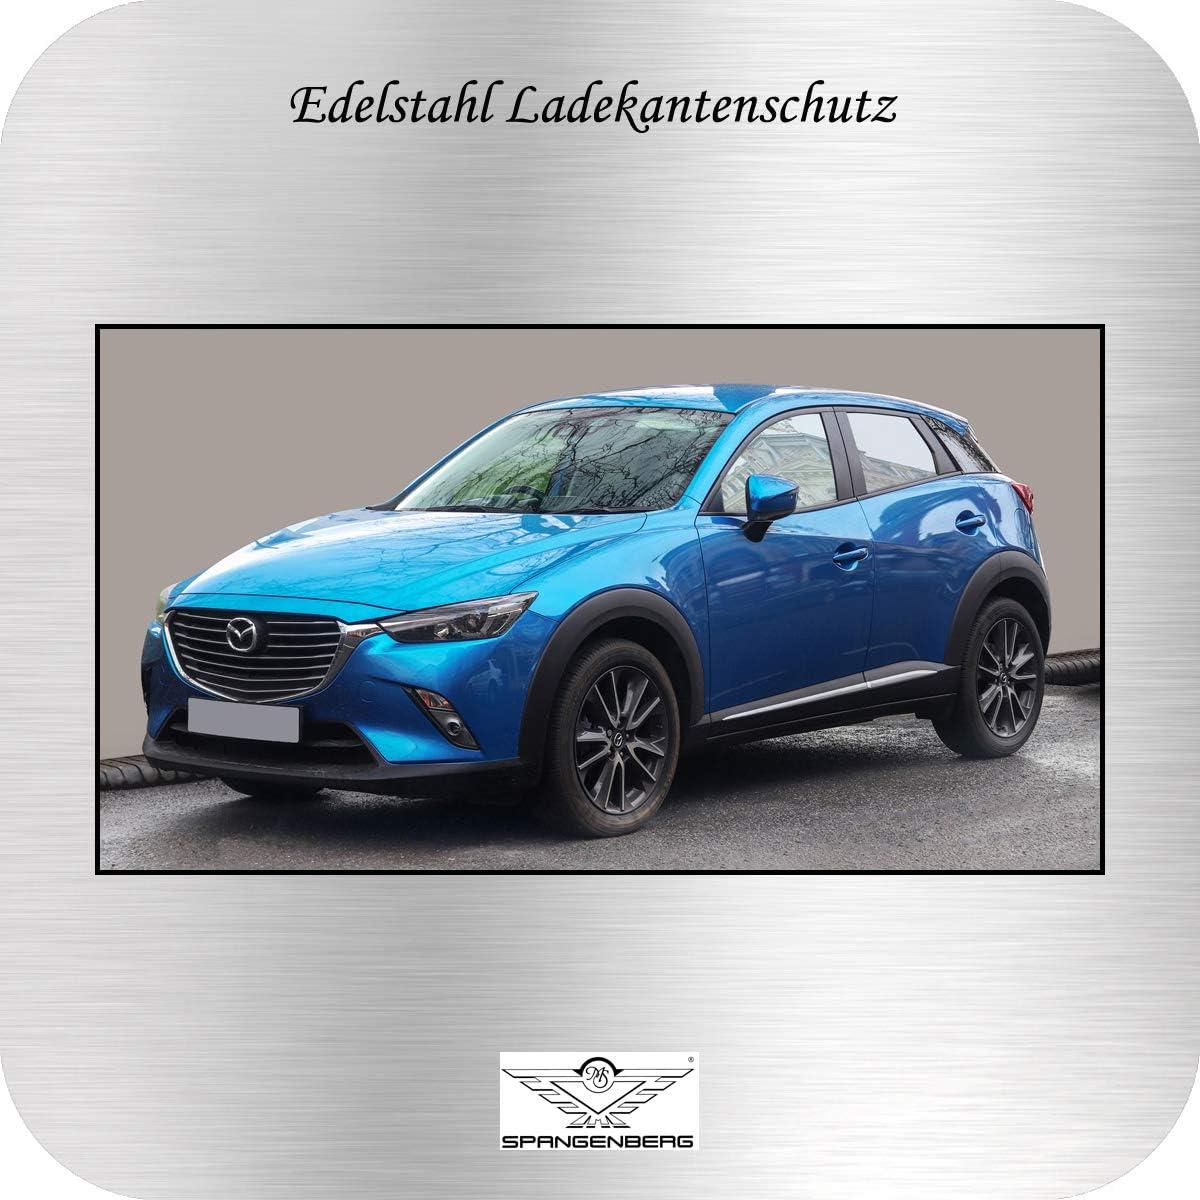 Spangenberg Ladekantenschutz Edelstahl passend f/ür Mazda CX-3 SUV Typ DK ab Baujahr 05.2015-3235472